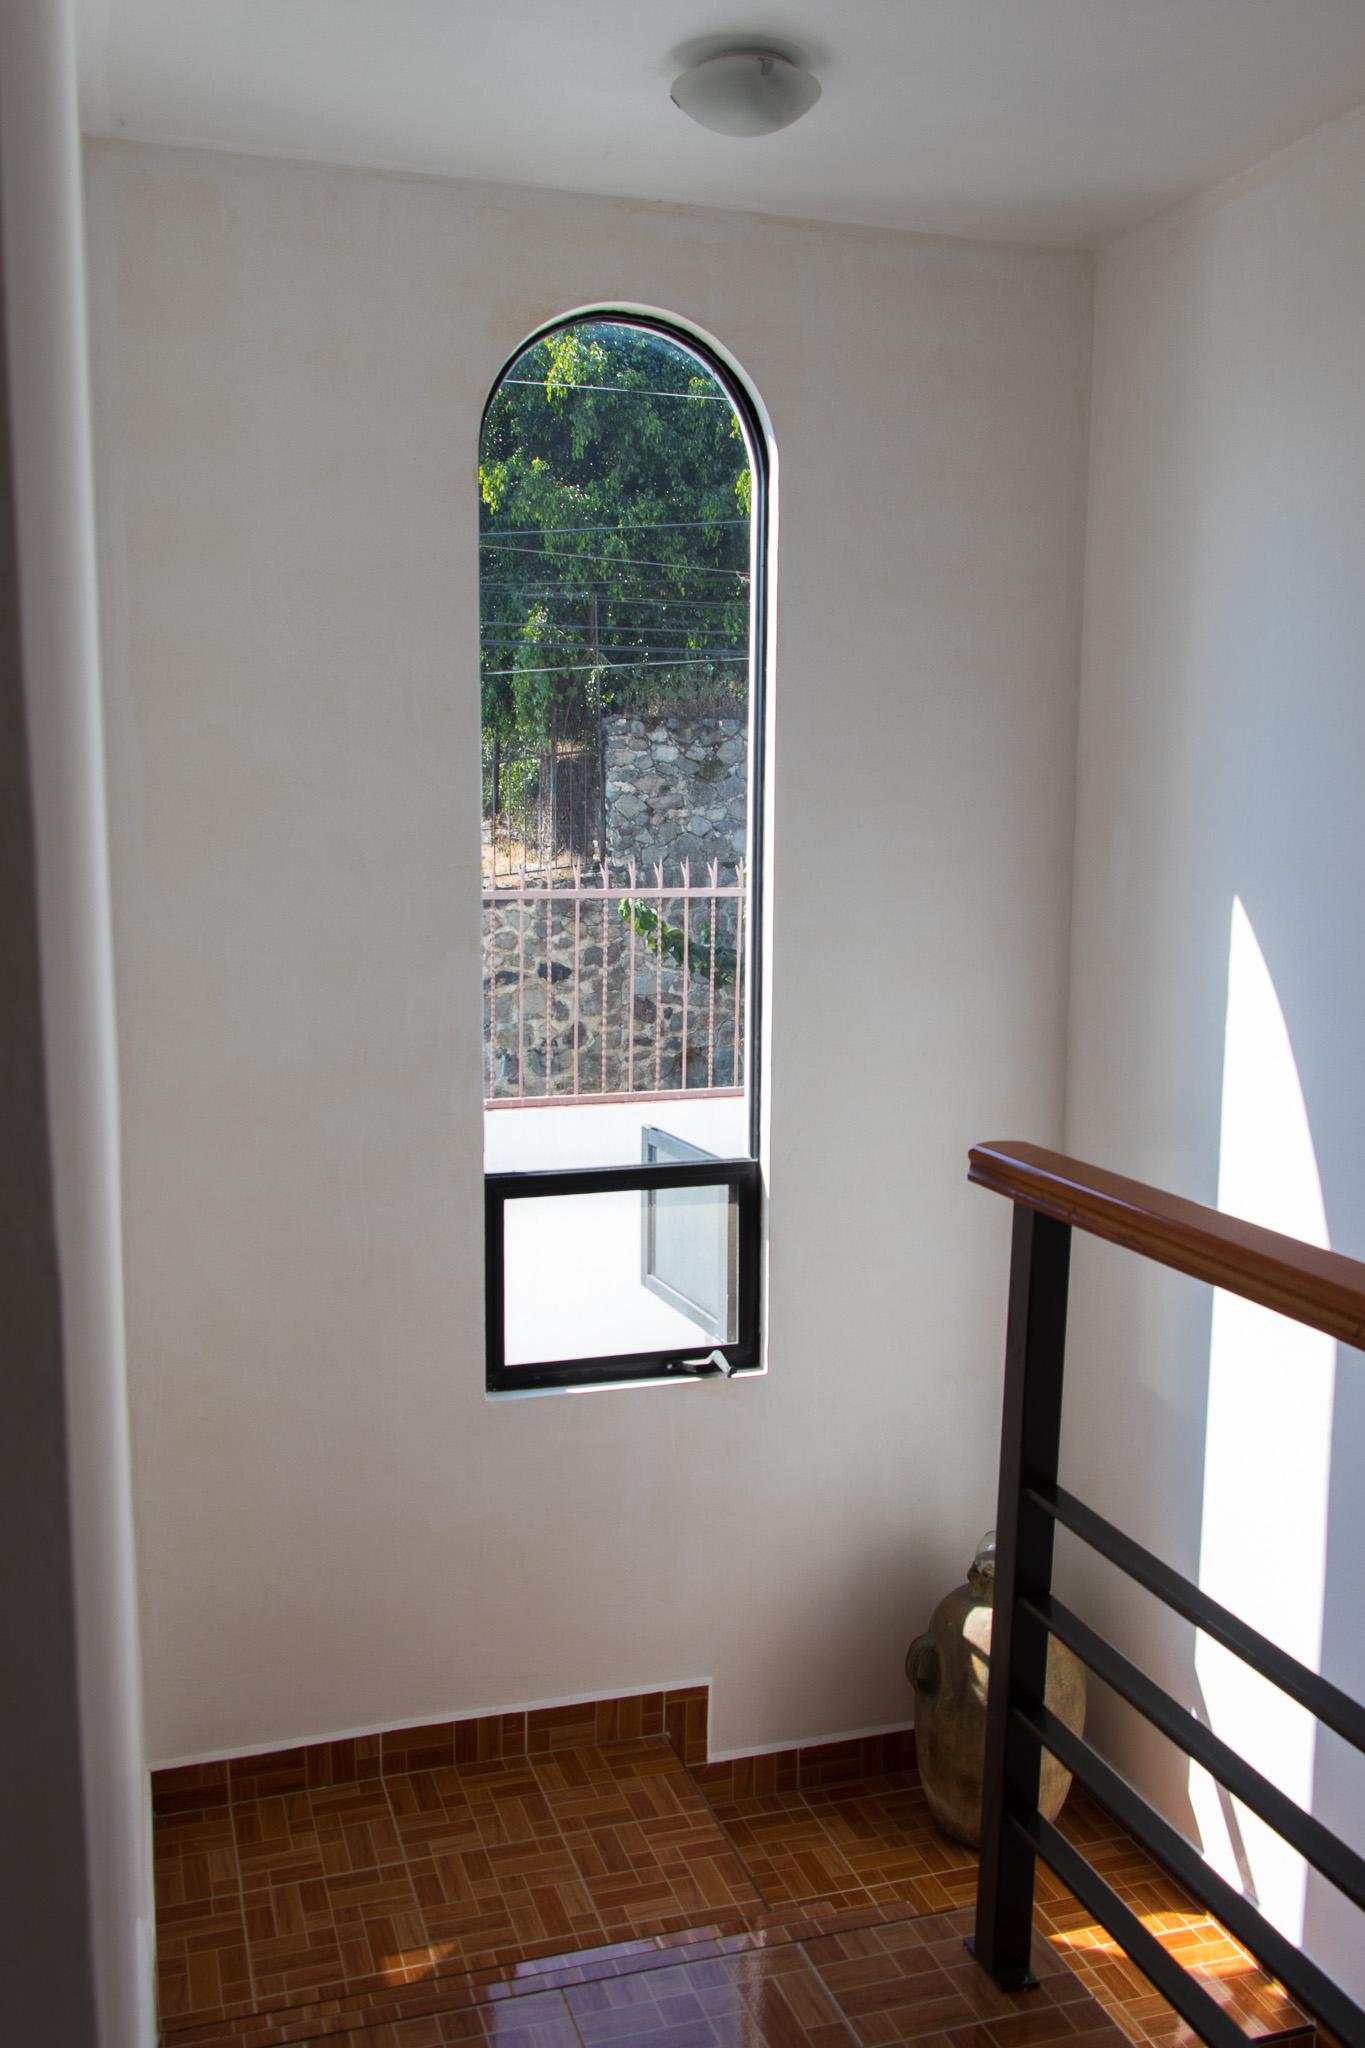 fotografo-cuernavaca-sesiones-bienes-raices-inmuebles-09-descanso-escalera